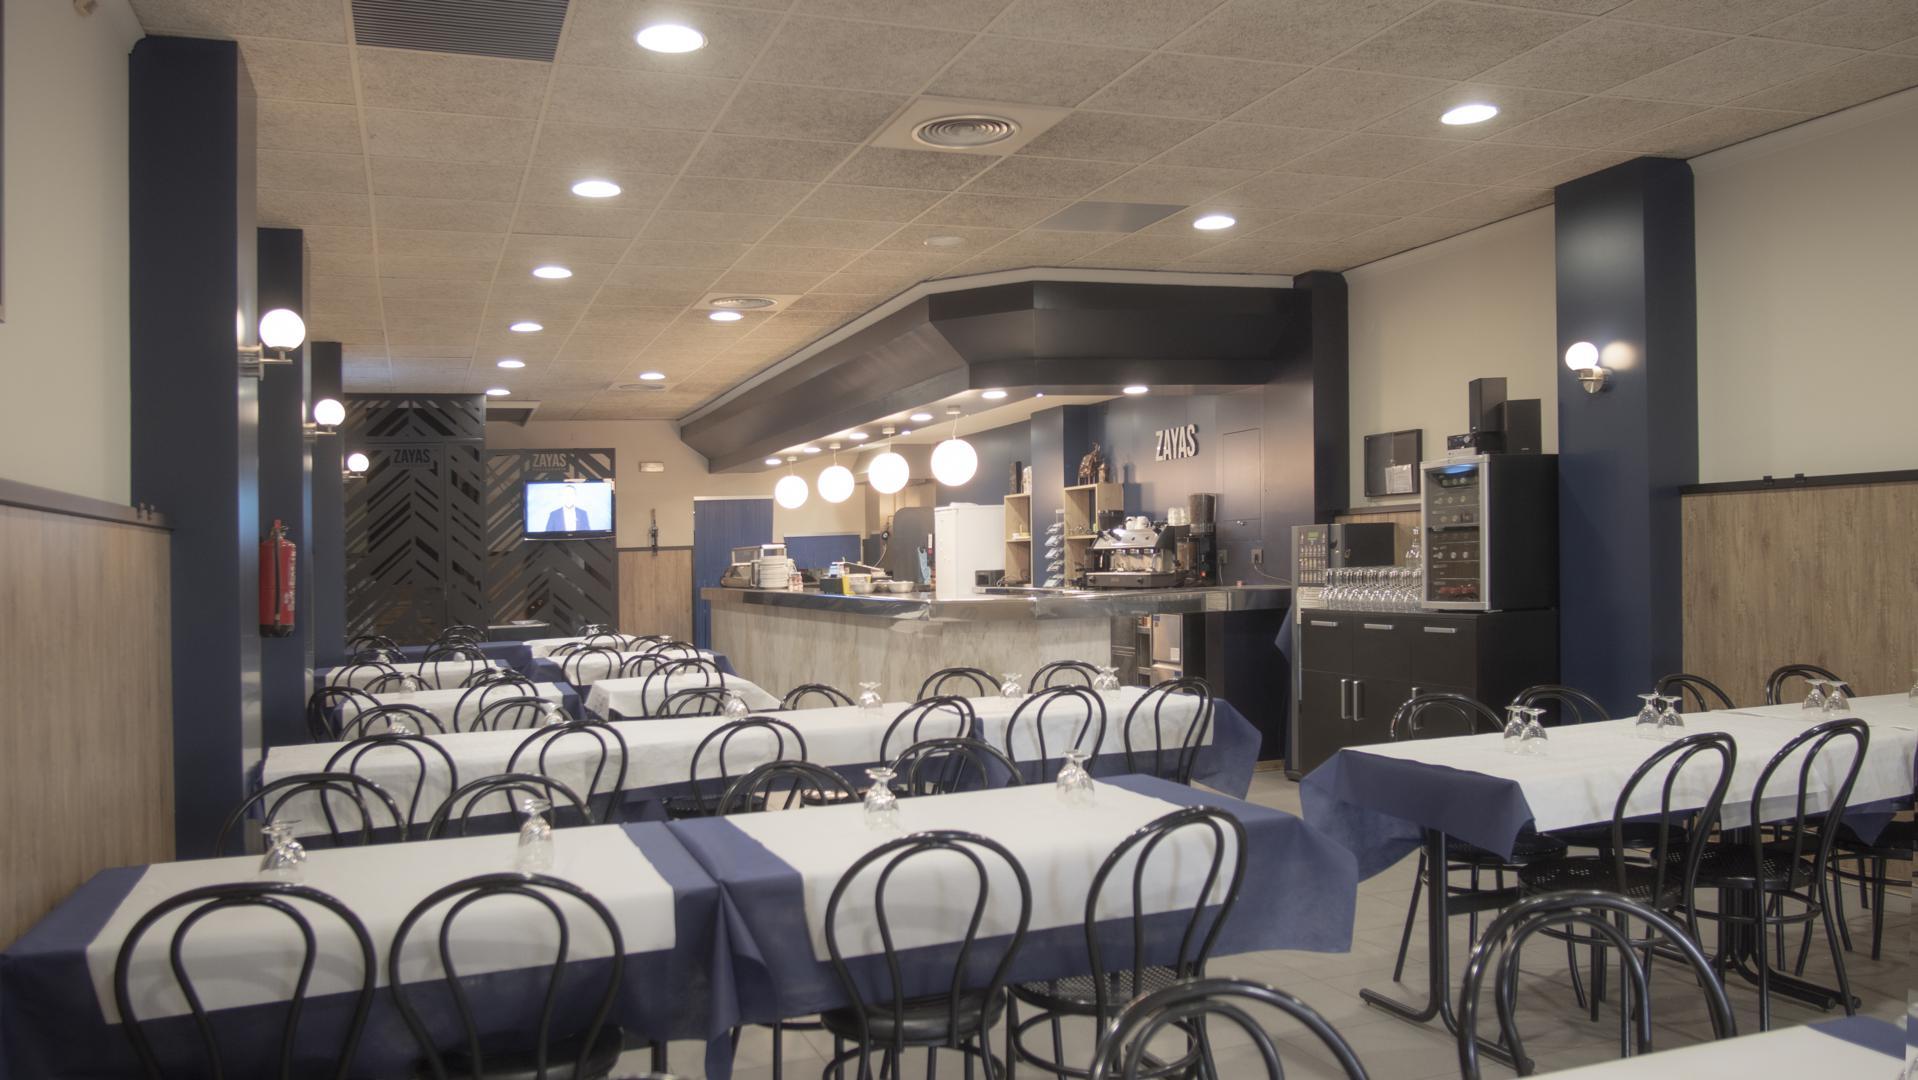 P1040634 1918x1080 - Reforma Restaurante ZAYAS - La Vilavella